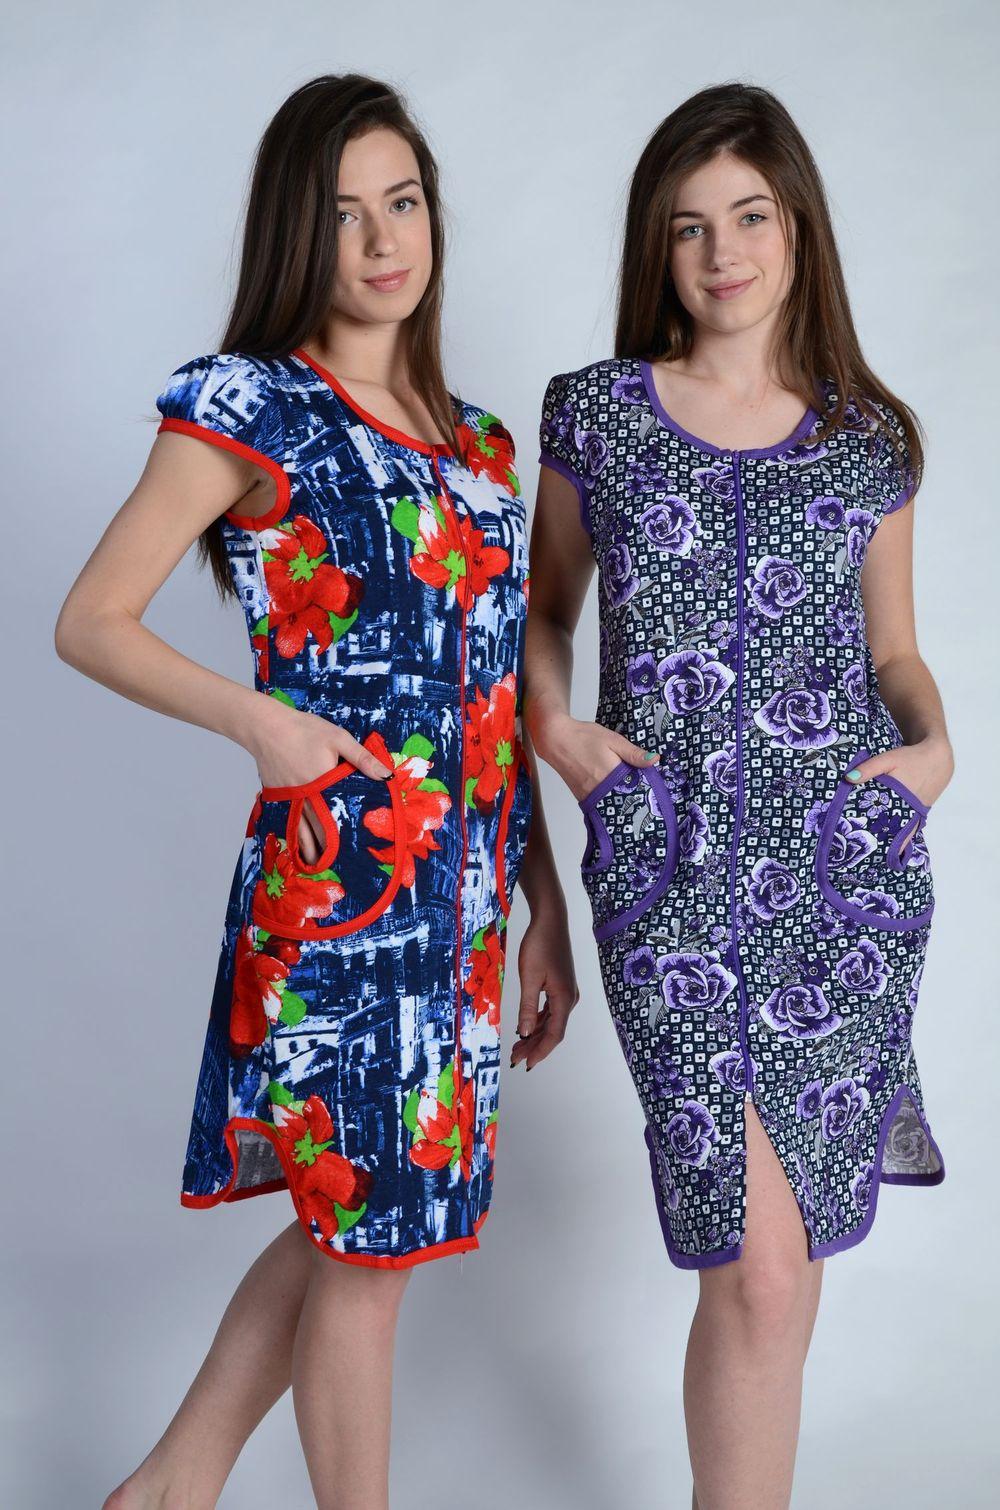 ec9474180fd2 Халаты фланелевые, рубашки, пижамы фланелевые оптом от производителя ...